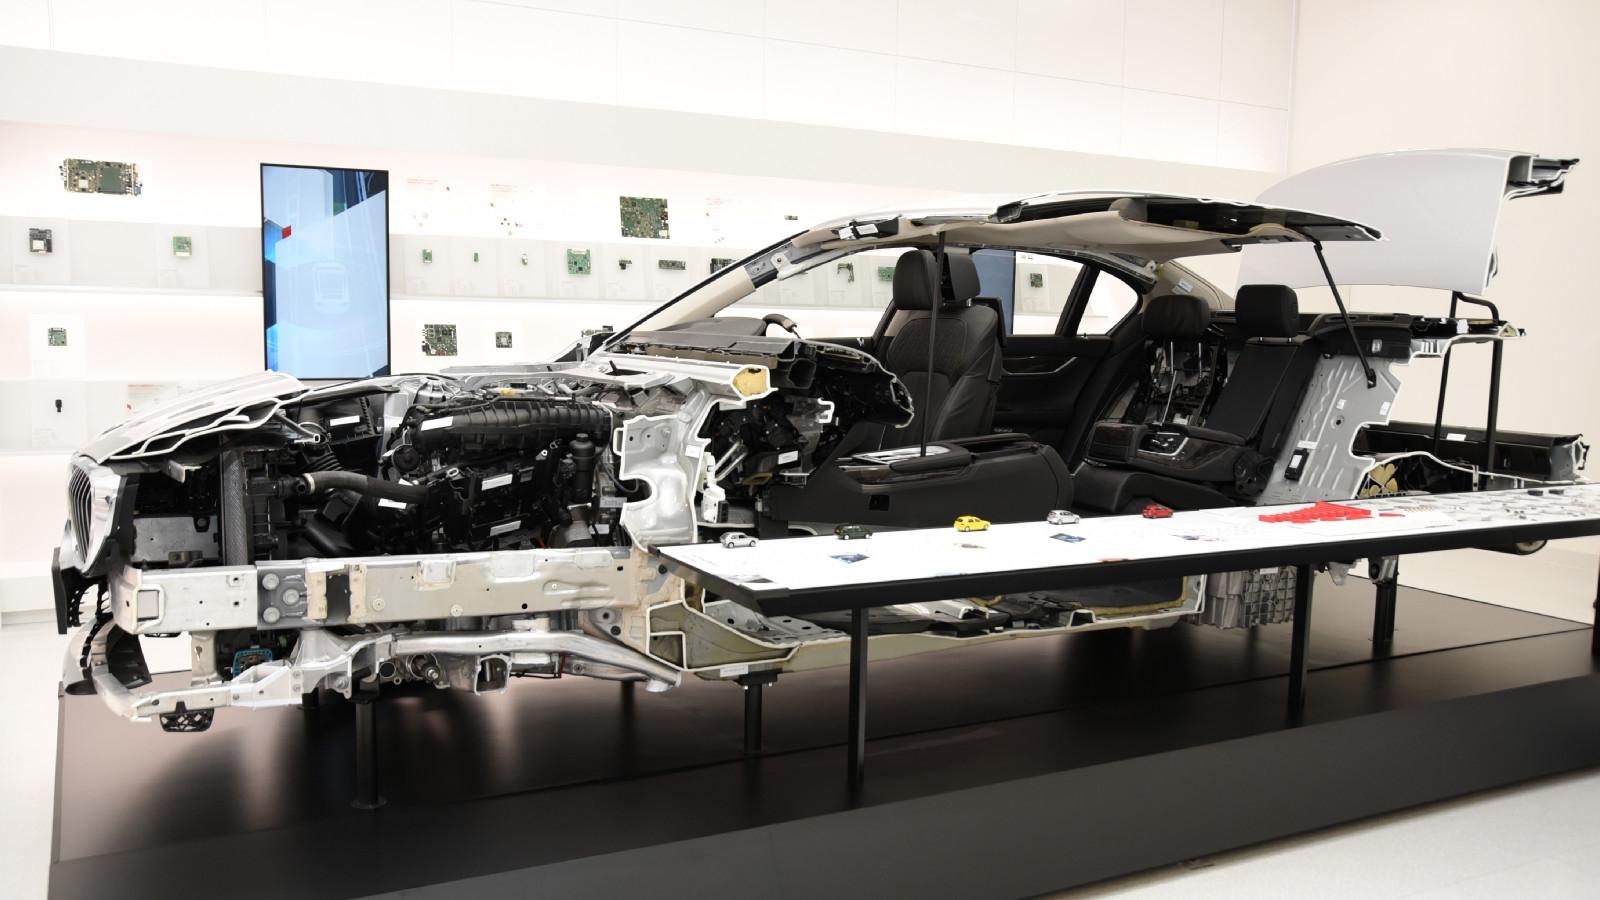 図1 車載部品の展示施設「Murata みらい Mobility」 分解した車両や車載電子機器の基板、村田製作所の車載部品などを並べた。(撮影:日経Automotive)